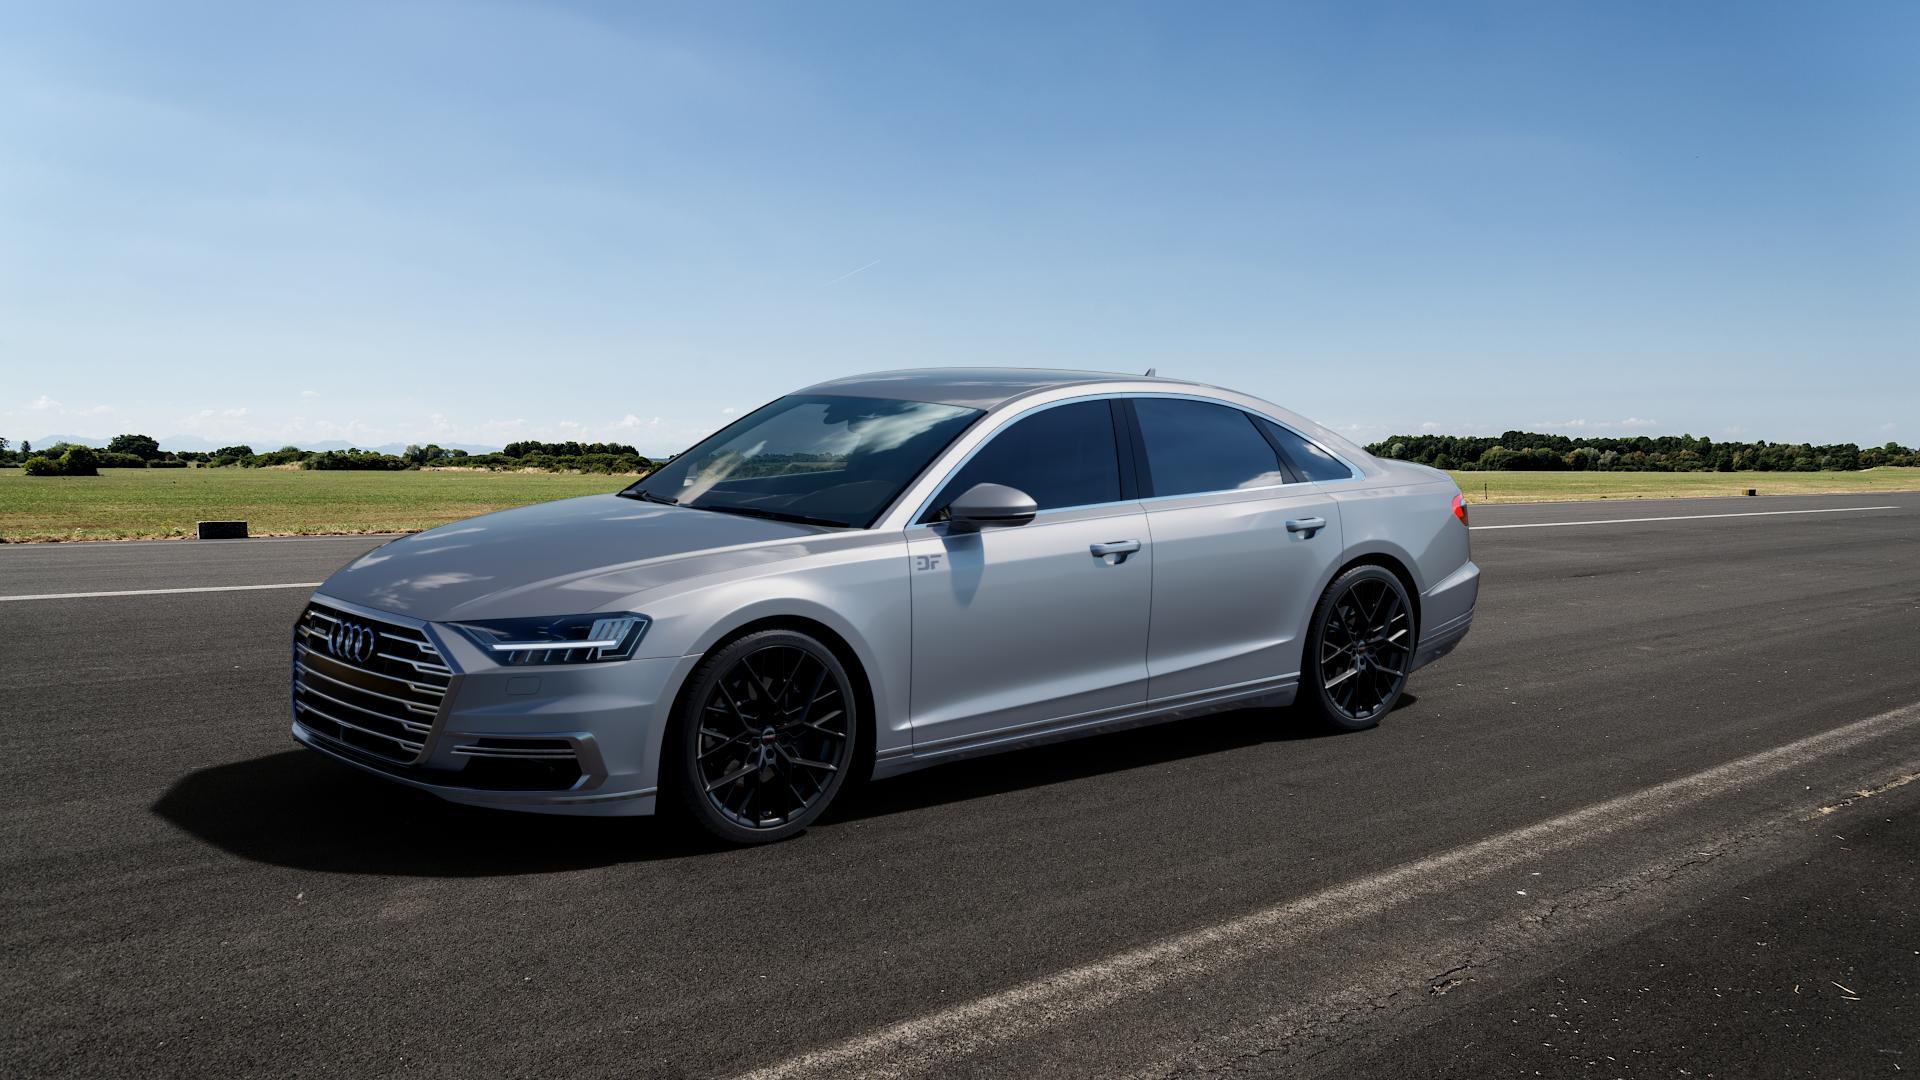 Borbet BY black matt Felge mit Reifen schwarz in 21Zoll Winterfelge Alufelge auf silbernem Audi A8 Typ D5/F8 3,0l 60 TFSI e quattro 250kW (340 PS) Hybrid 4,0l 338kW (460 420kW S8 (571 TDI 210kW (286 320kW (435 ⬇️ mit 15mm Tieferlegung ⬇️ Big_Vehicle_Airstrip_1 Frontansicht_1